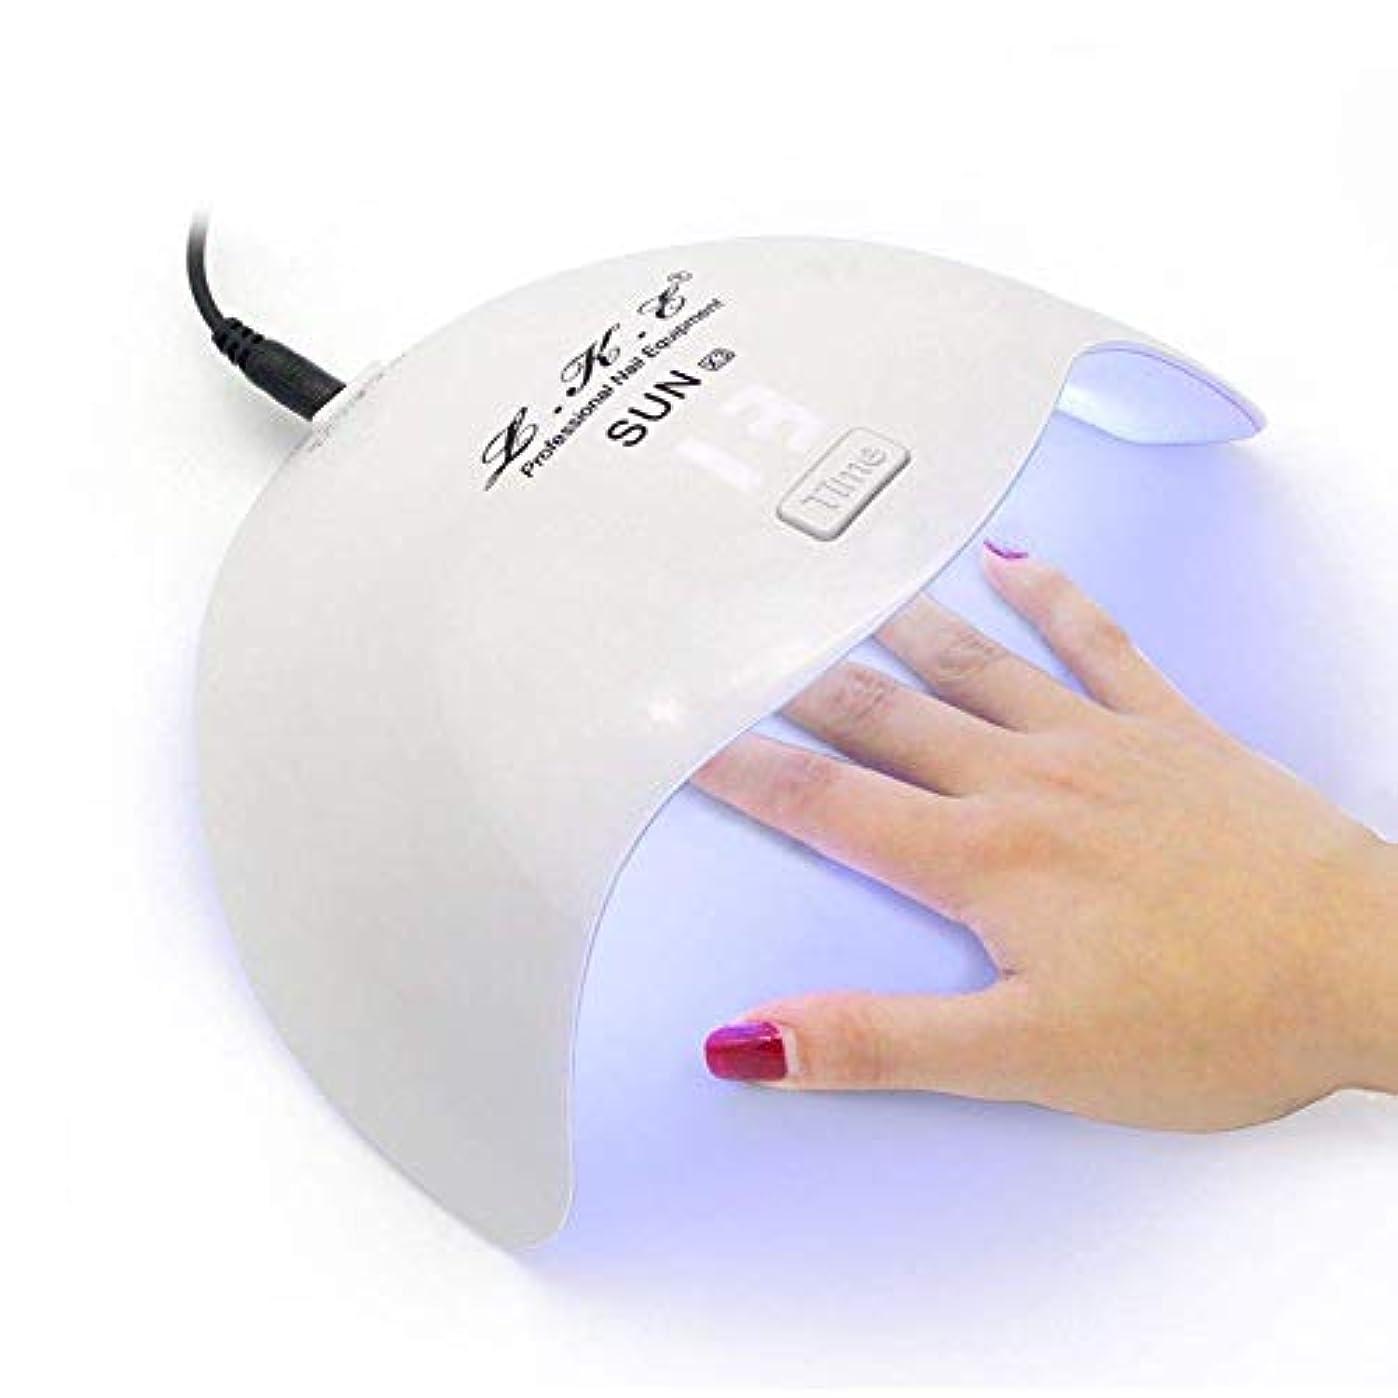 なかなか継続中ひもネイルドライヤーミニ24W UV LEDランプ硬化ネイルジェルポリッシュ誘導タイマーネイルアートツール家庭用機器用、絵のように色